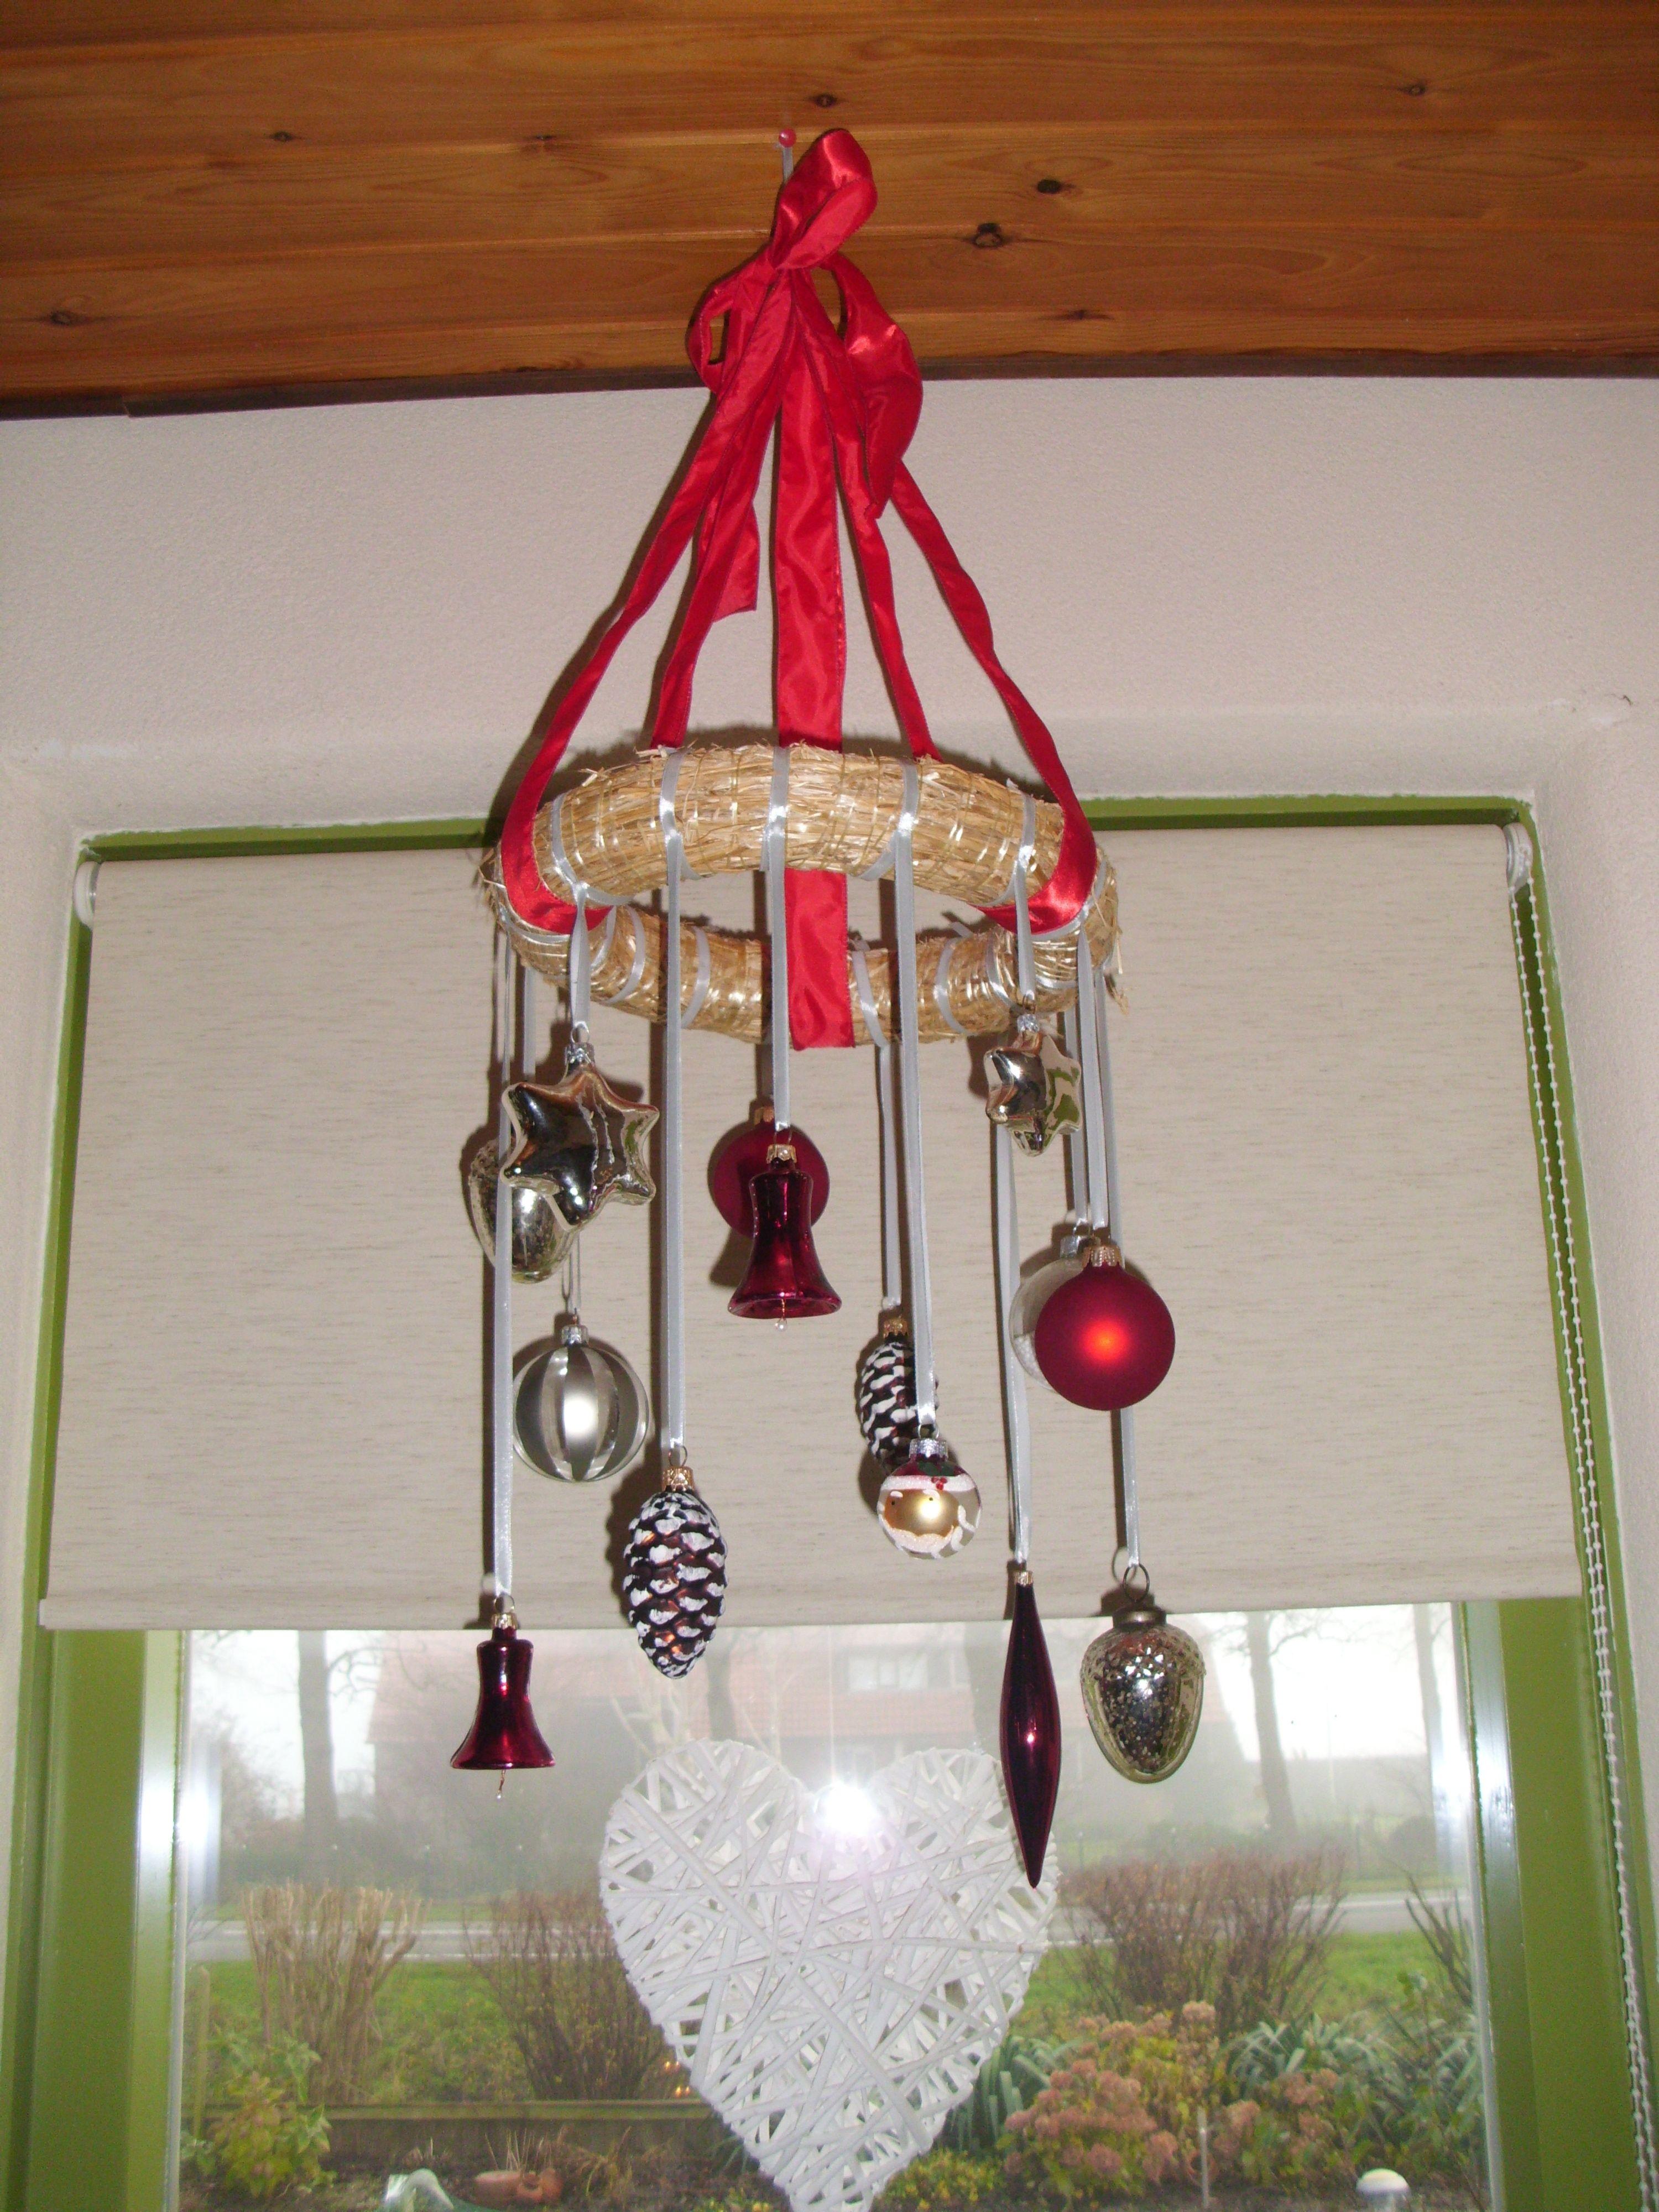 Breed Lint Om Een Krans Heen Samengeknoopt Kerstversiering Met Lintjes Vast Gepind Met Spelden Kerstversiering Decoratie Kerst